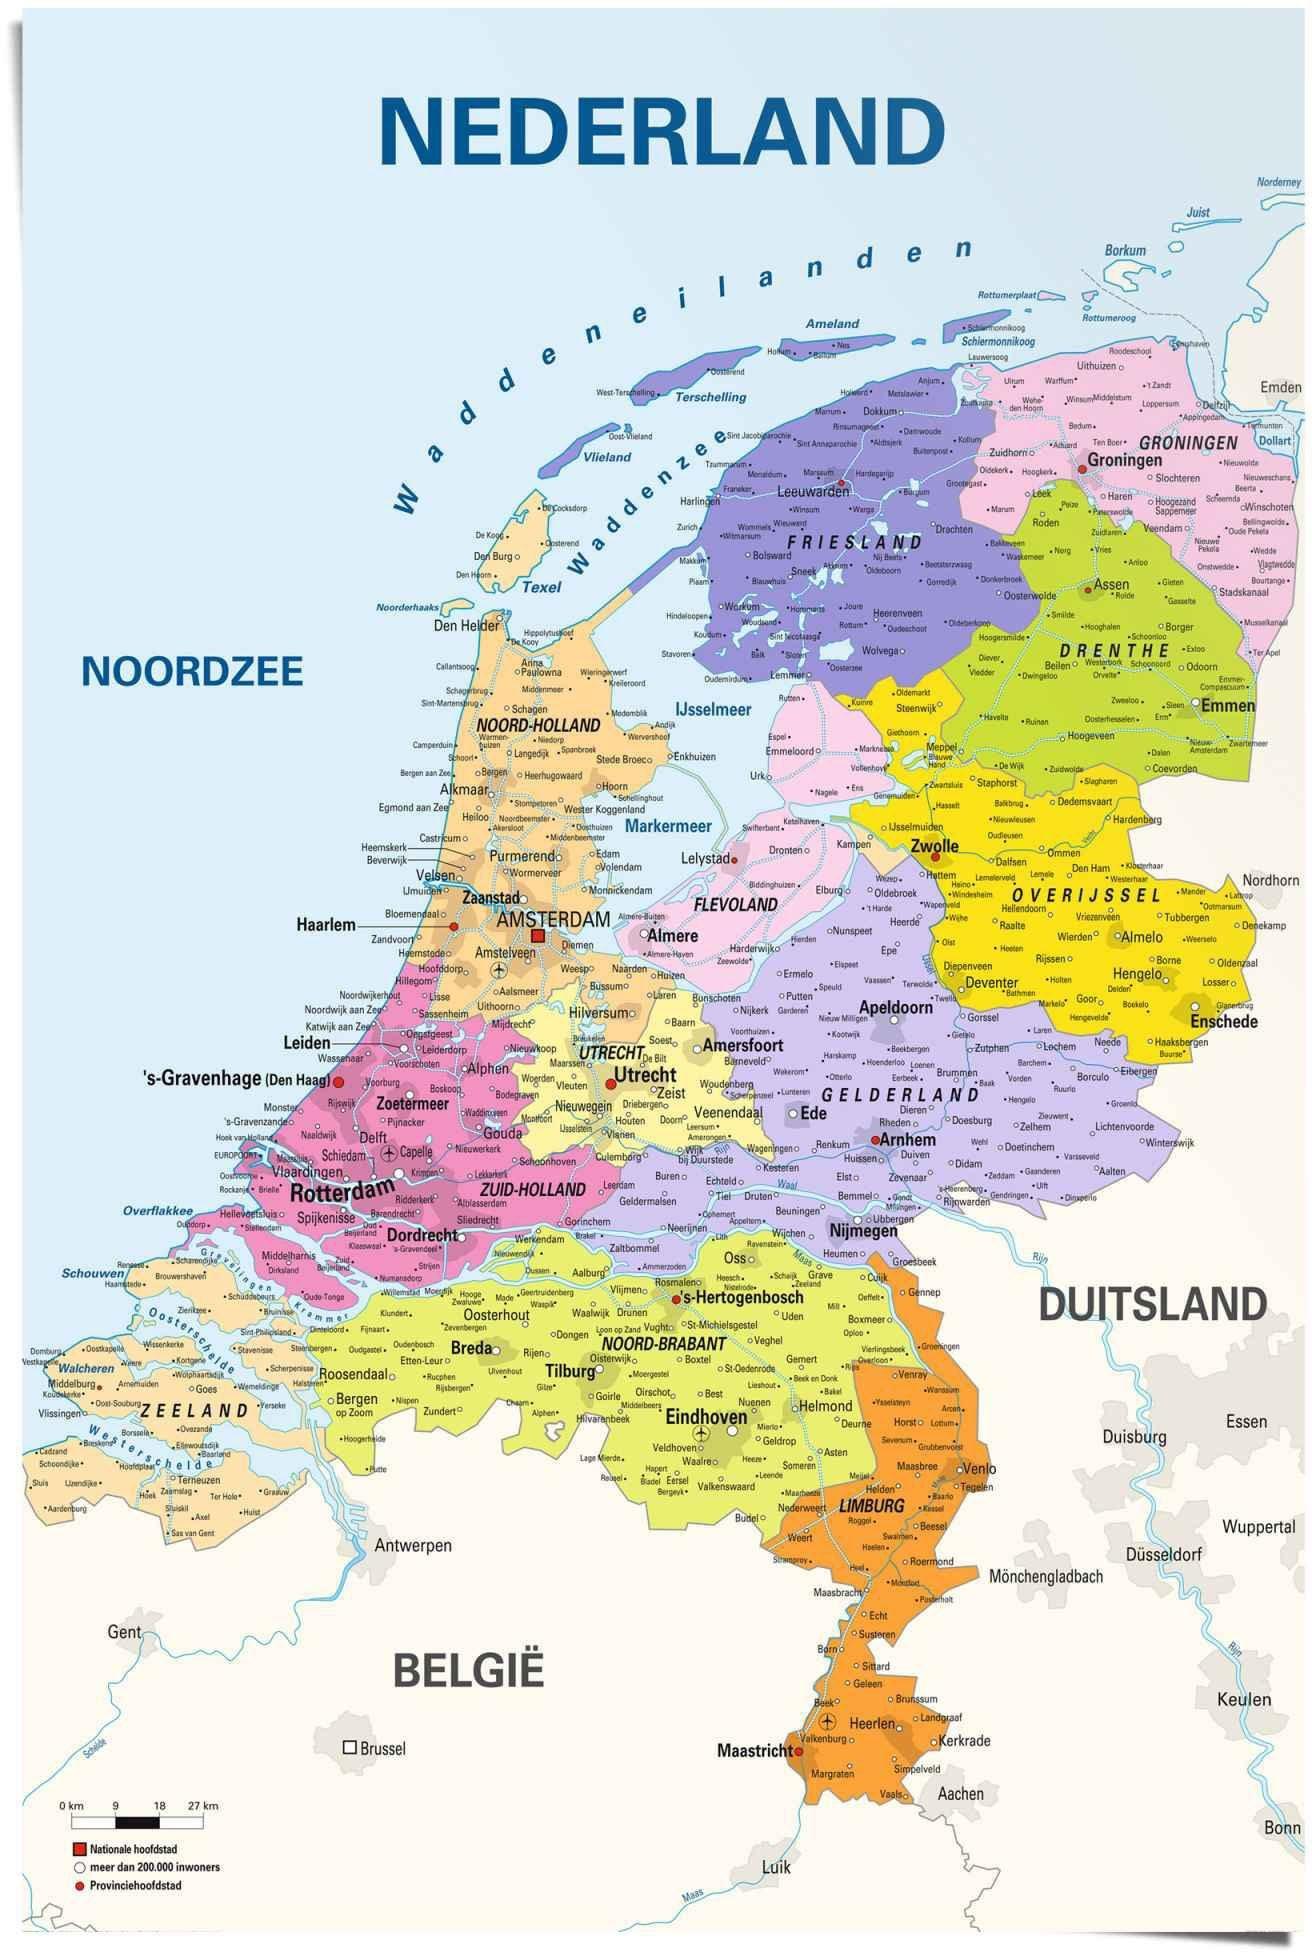 Reinders! poster schoolkaart Nederland Nederlands - Nederlandse tekst (1 stuk) online kopen op otto.nl